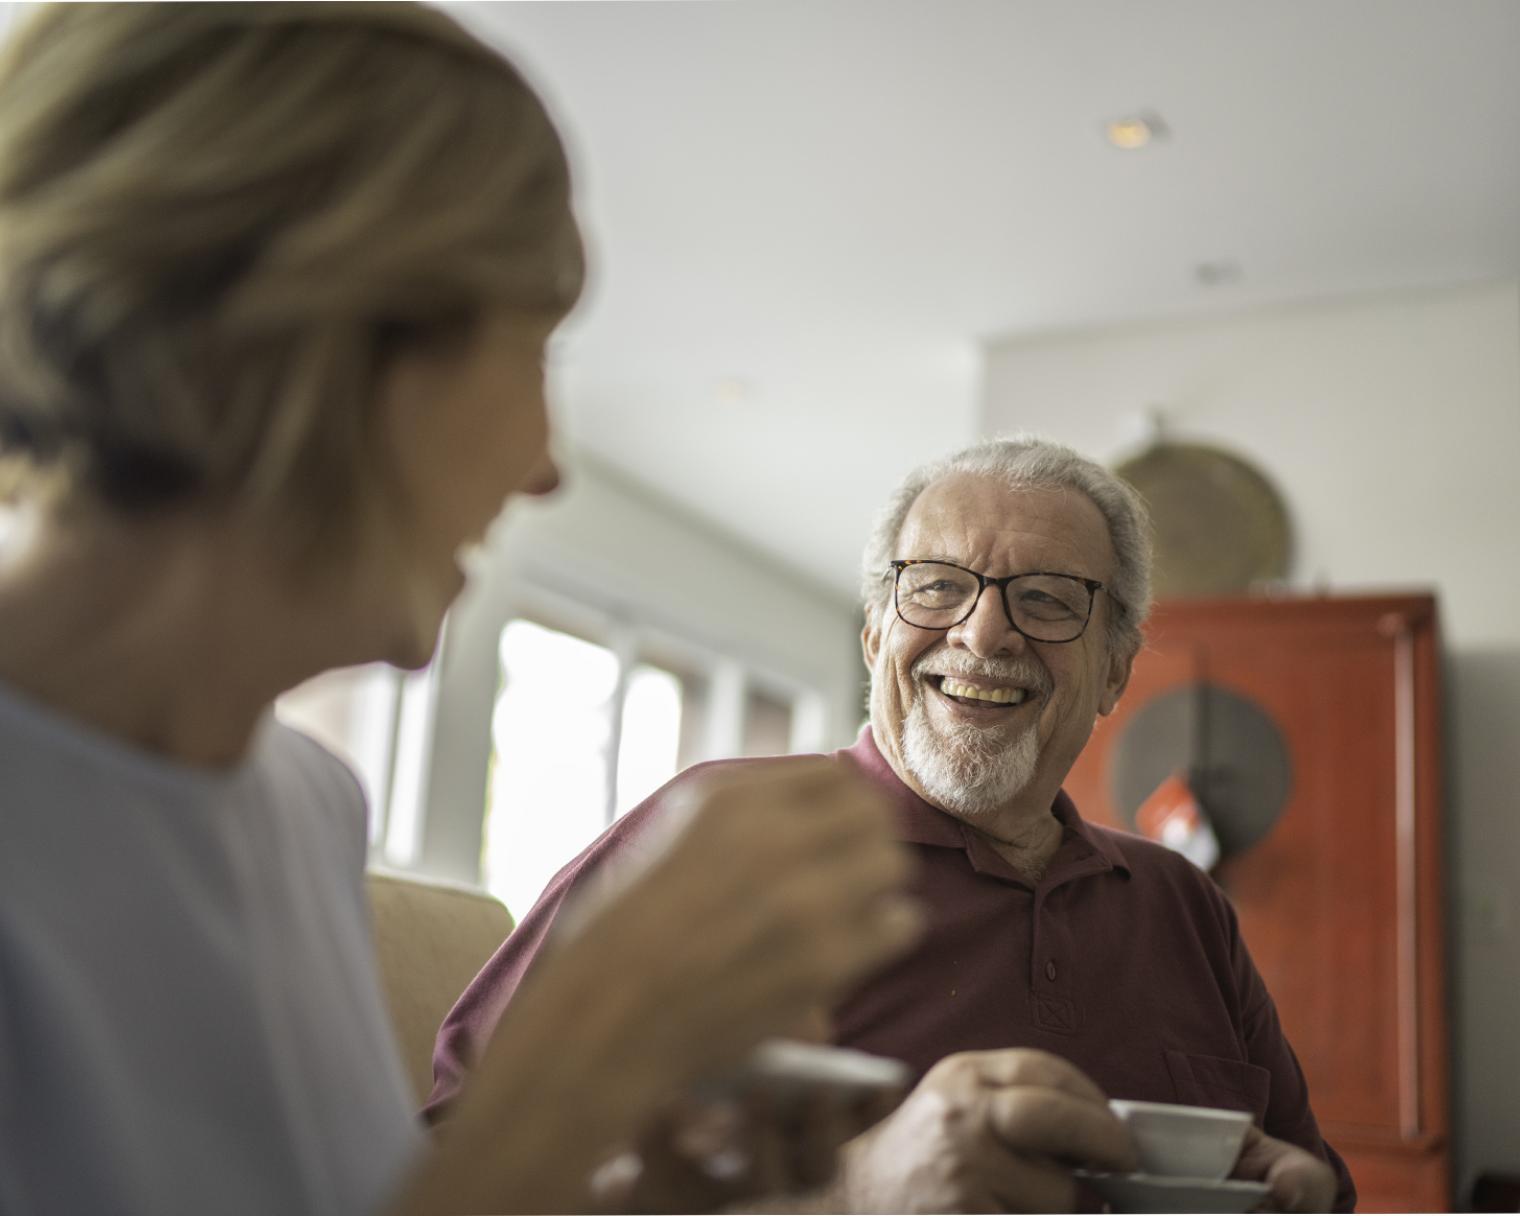 Lachender älterer Herr im Gespräch mit einer Frau